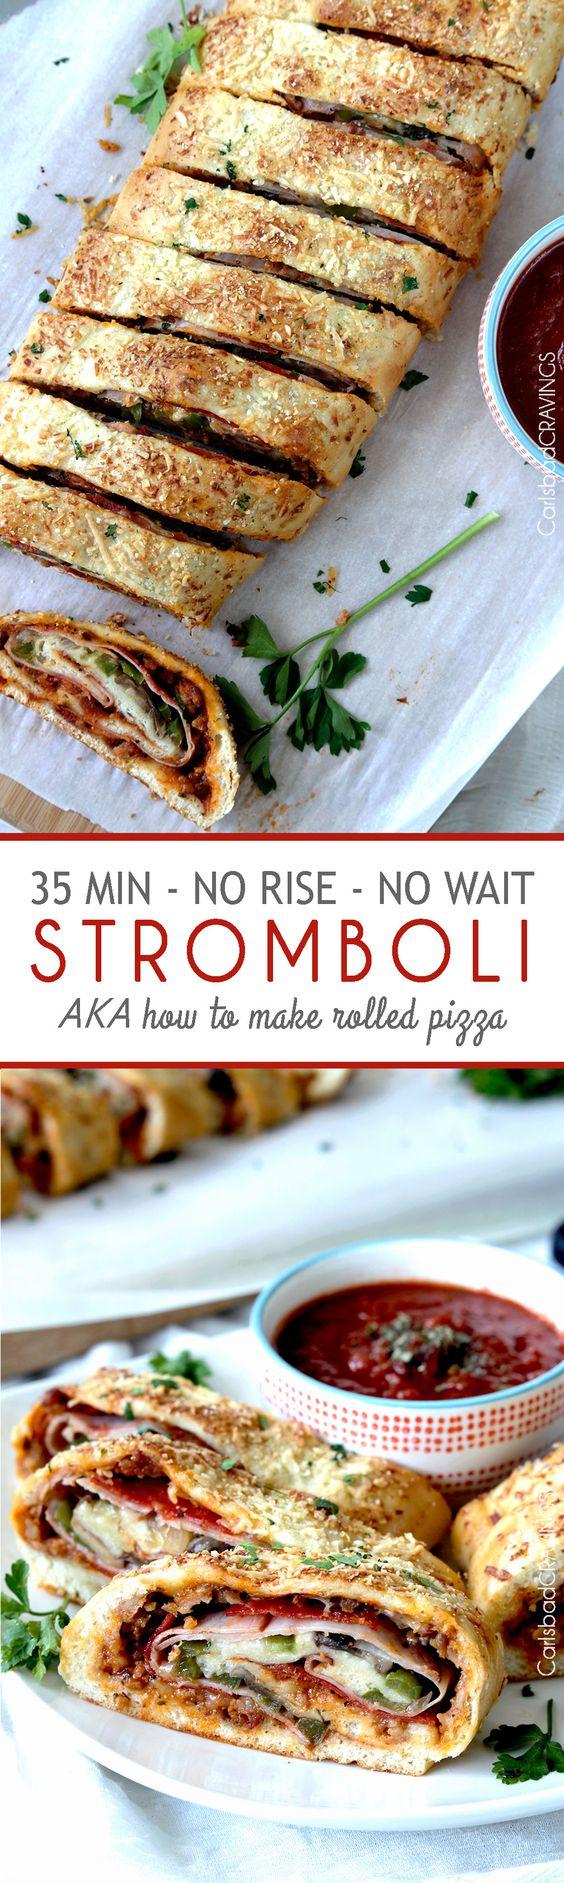 Pizza, Stromboli and Tutorials on Pinterest